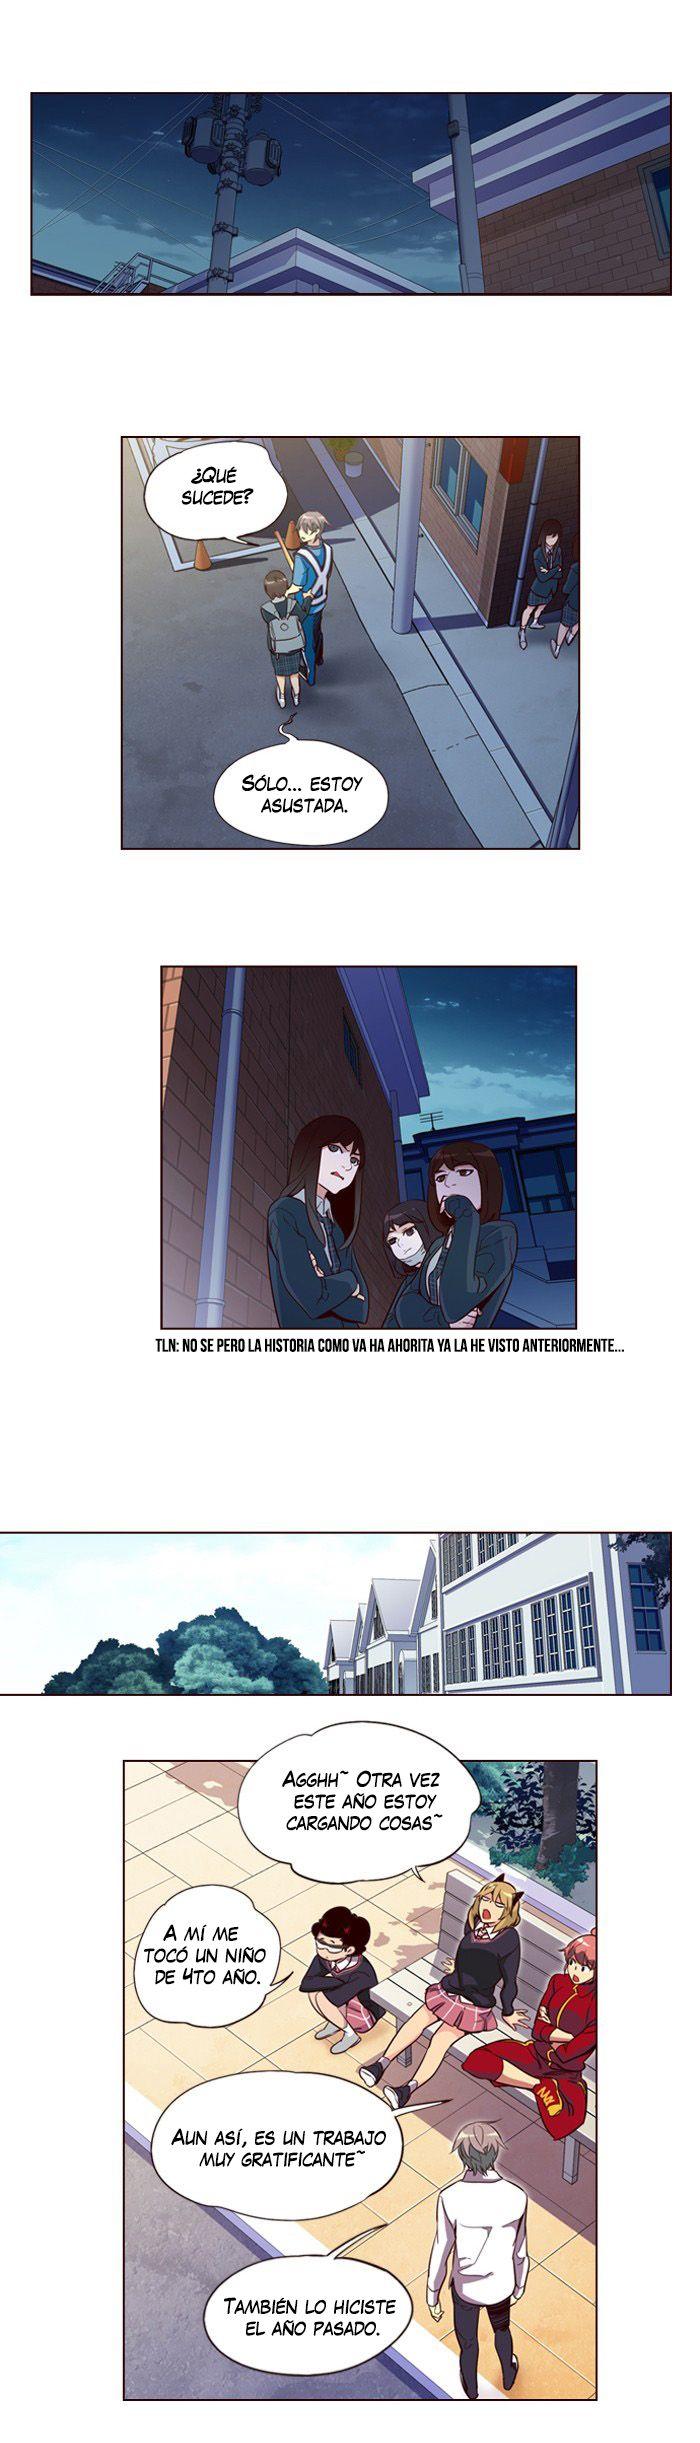 http://c5.ninemanga.com/es_manga/32/416/484122/a3f07ef8c07cb4762594330e7d66f47e.jpg Page 5